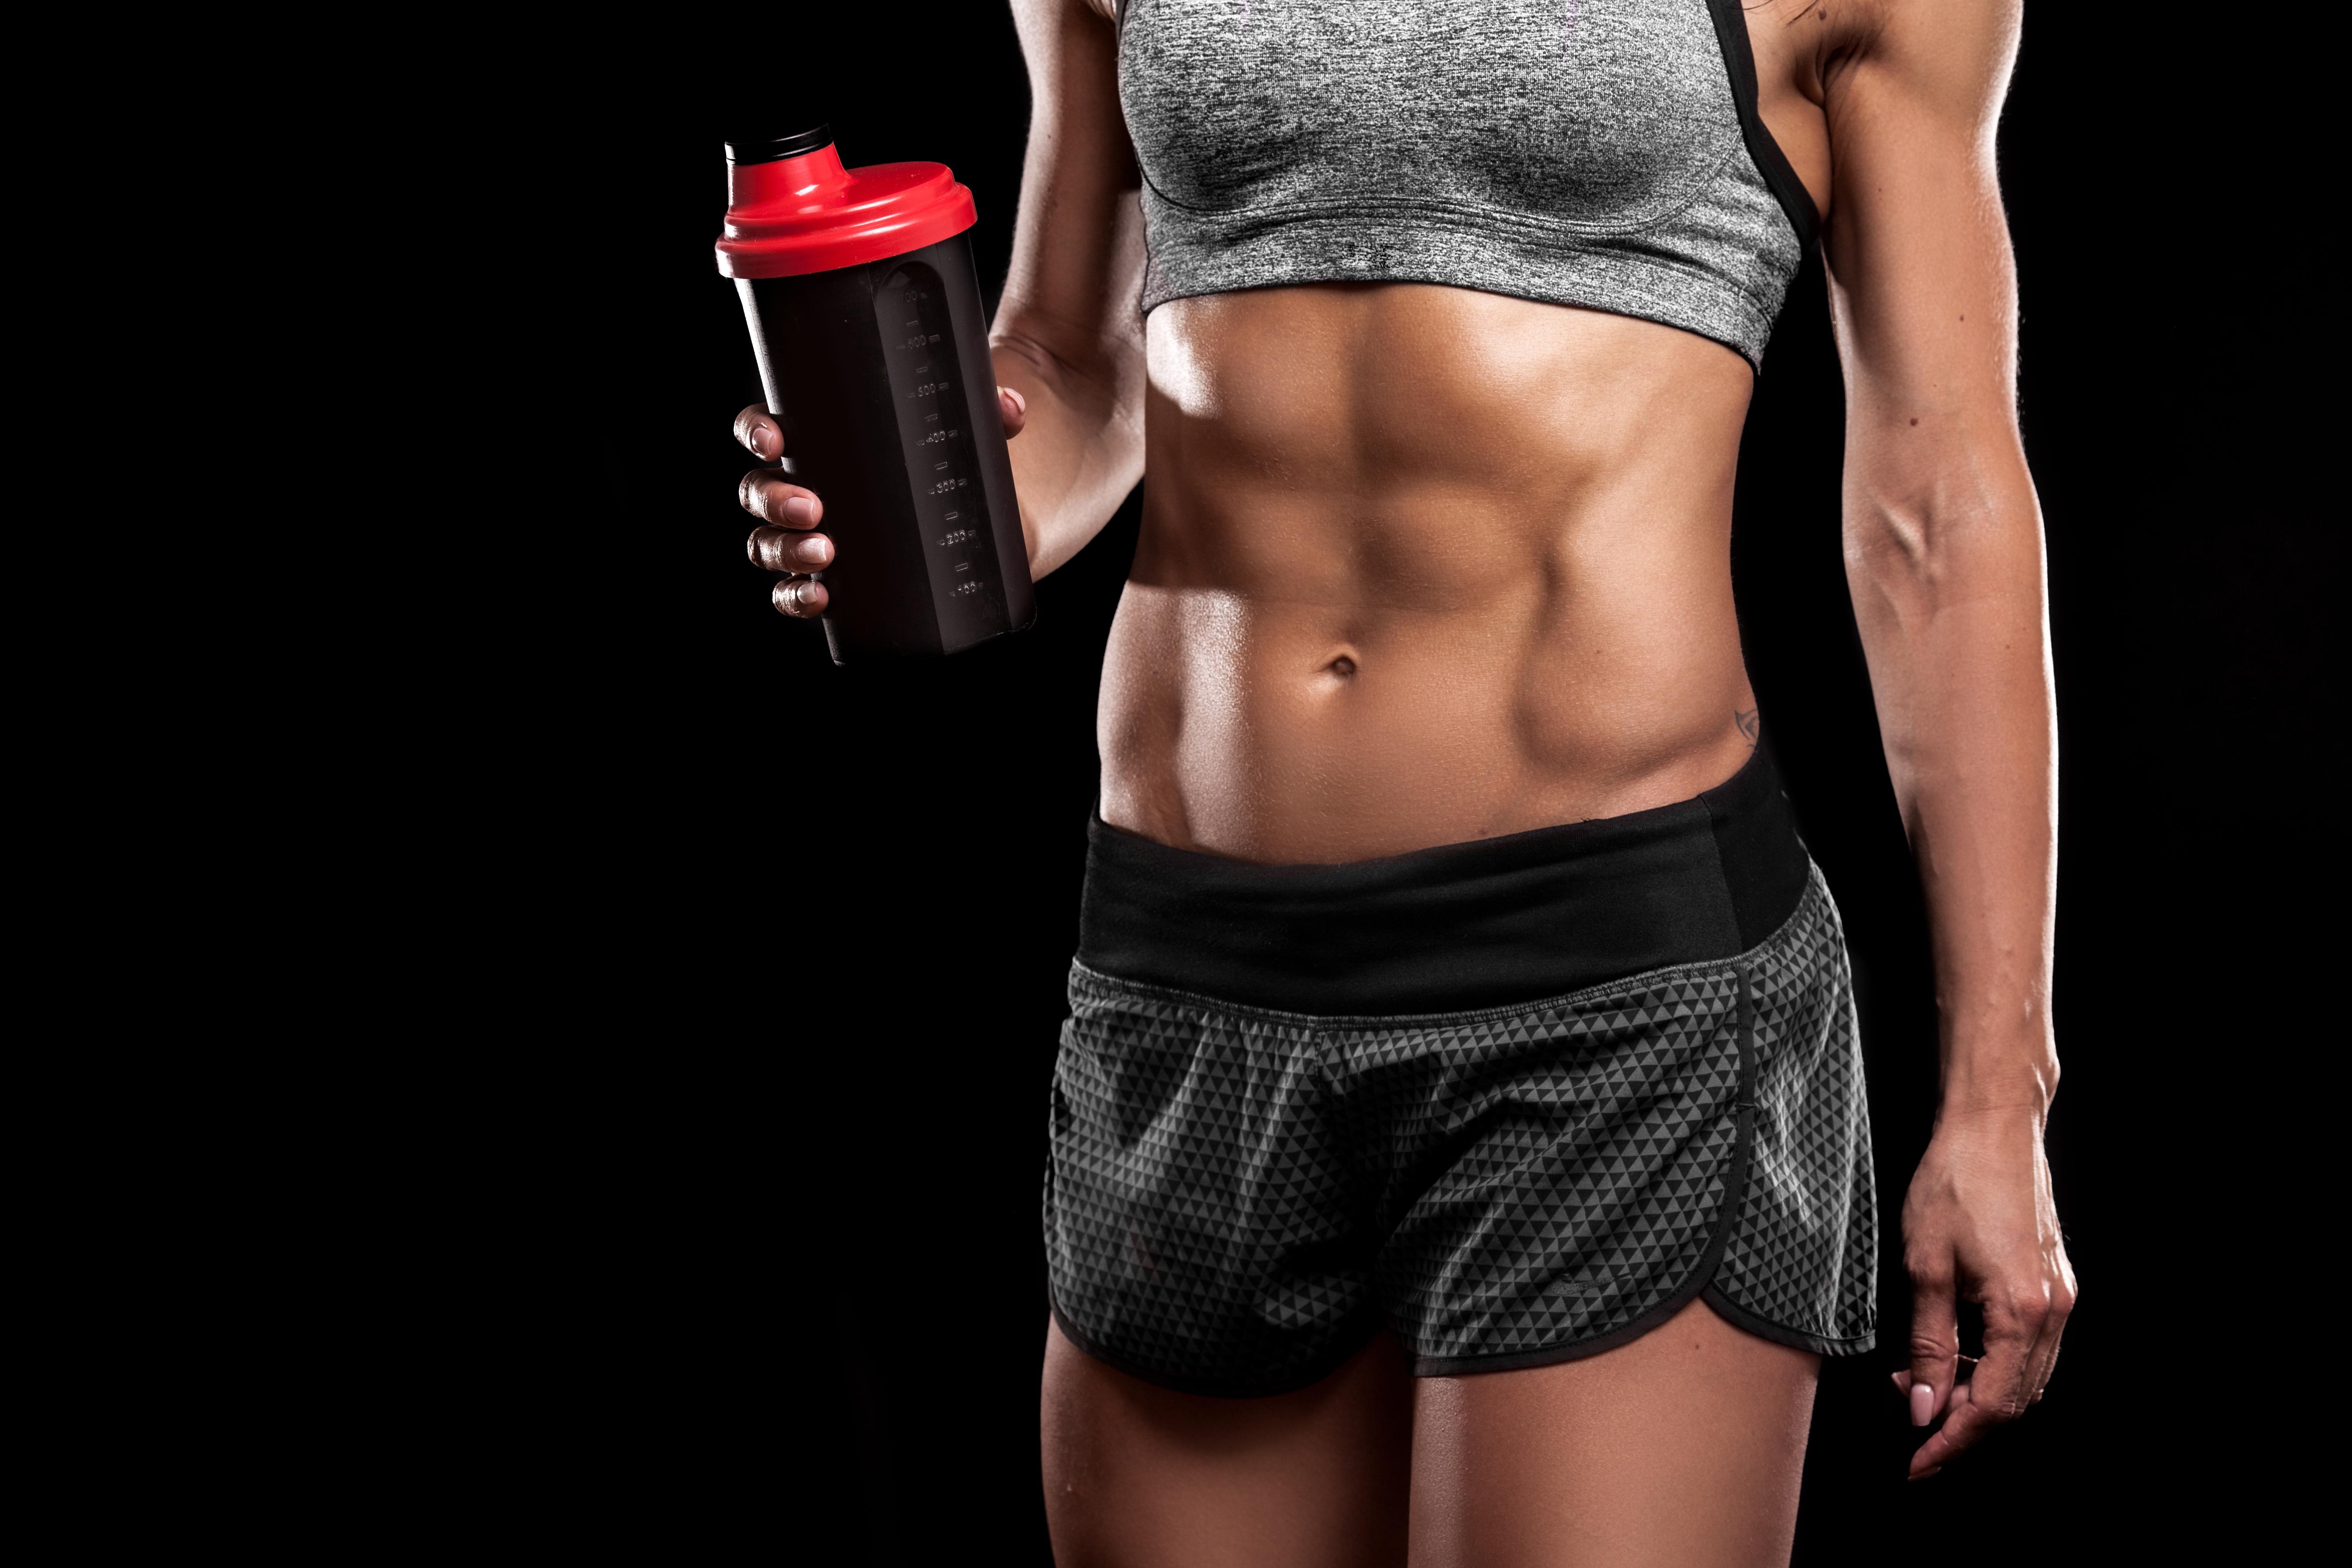 Как девушке принимать протеин чтобы похудеть